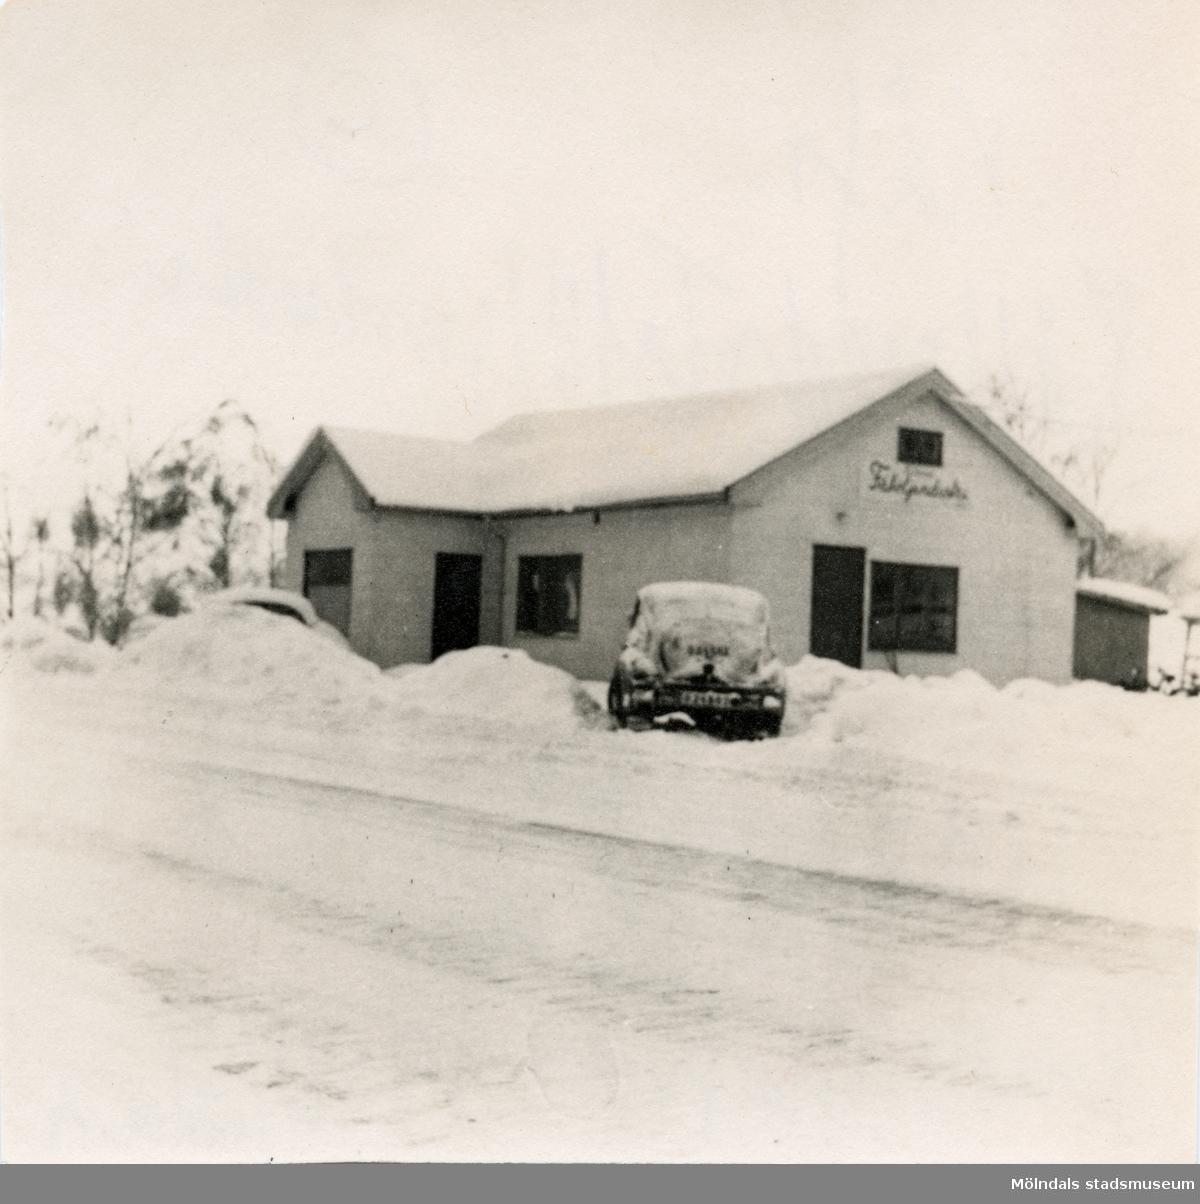 Kållereds Fåtöljindustri vid Torrekullavägen i Kållered. Verkstaden före sammanbyggningen. Foto från 1955-1957. Utanför byggnaden står ägaren Paul Kristofferssons svarta Volvo PV444 modell A (1950/51) registreringsnummer O 24503. Den har dubbla nummerskyltar pga utdragbar släpkärra. Bilen byttes senare till en av årsmodell 1957.  Kållereds Fåtöljindustri (Kåfi) var aktivt från ca 1955-1983. Inledningsvis sittmöbler, men övervägande tillverkning av sängar från ca 1959. Ägare var bröderna Olof och Paul Kristoffersson. Verksamheten skedde i hörnet mellan Torrekullavägen och Kungsbackavägen, alldeles nära Mölndalsgränsen. Företagets telefon-nummer var 031-750075.